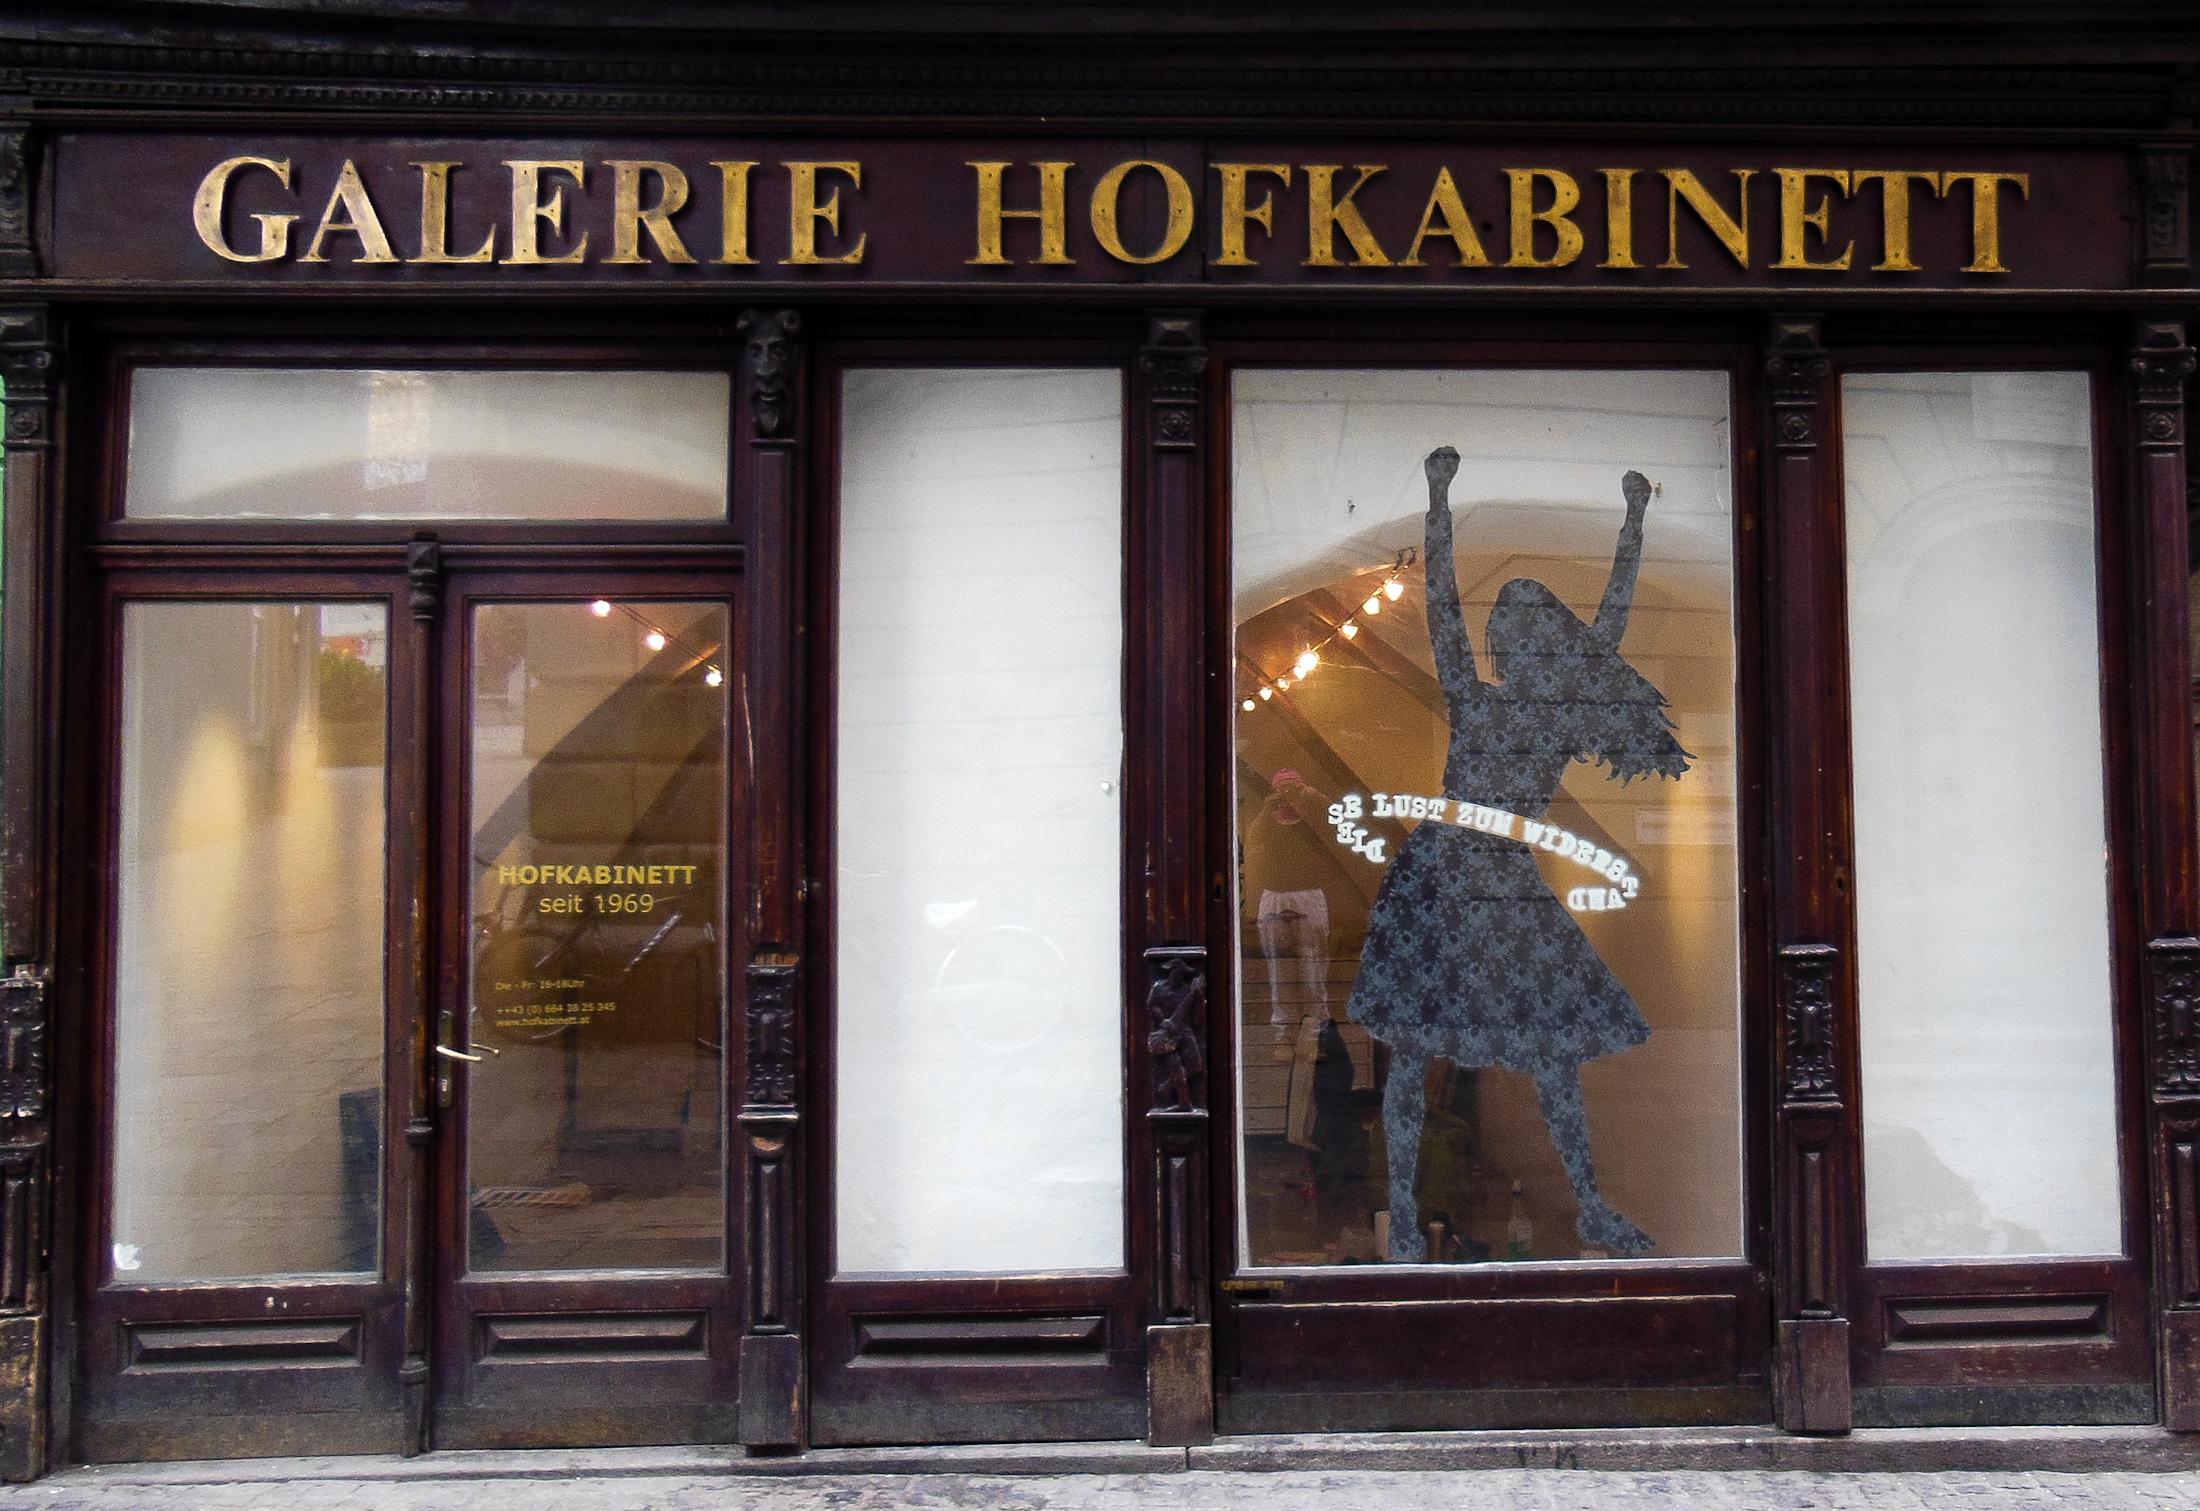 Galerie Hofkabinett, Altstadt Linz